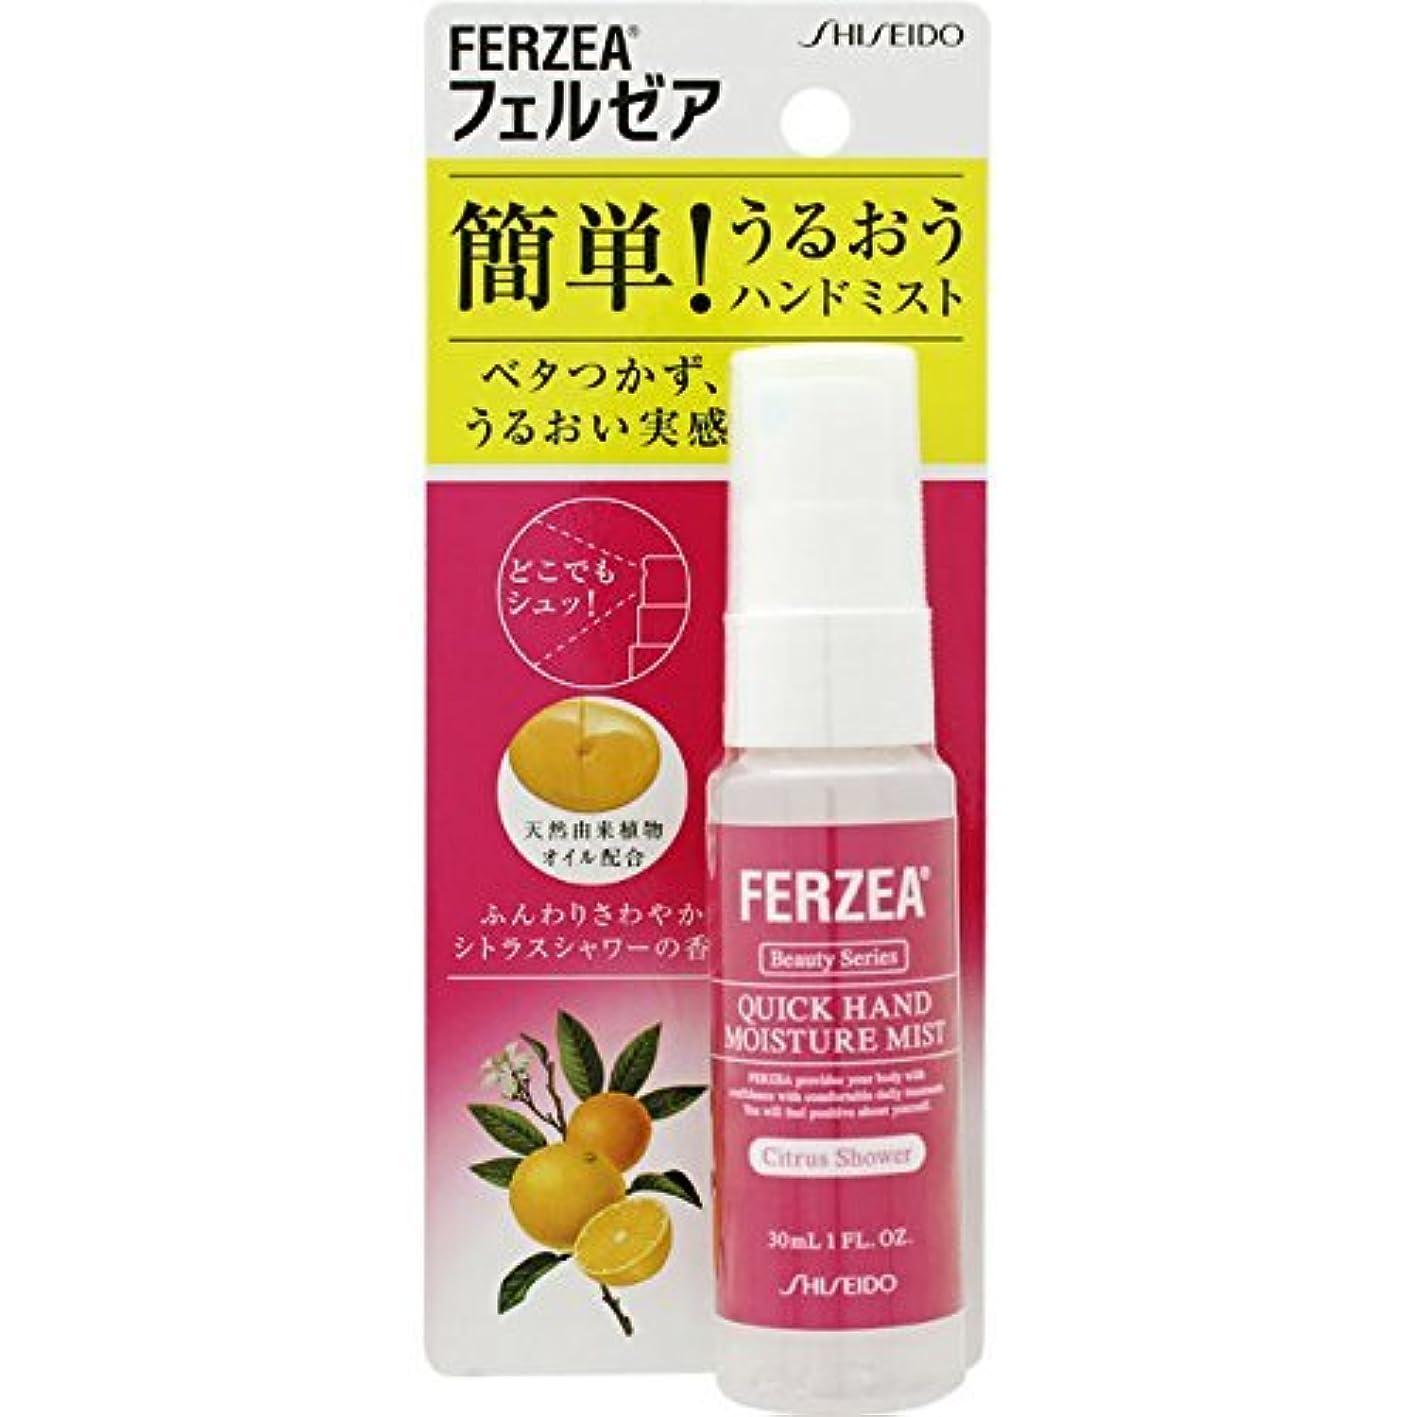 限定受け継ぐもちろん資生堂薬品 フェルゼア ハンドモイスチャーミスト ふんわりさわやかシトラスシャワーの香り 30ml